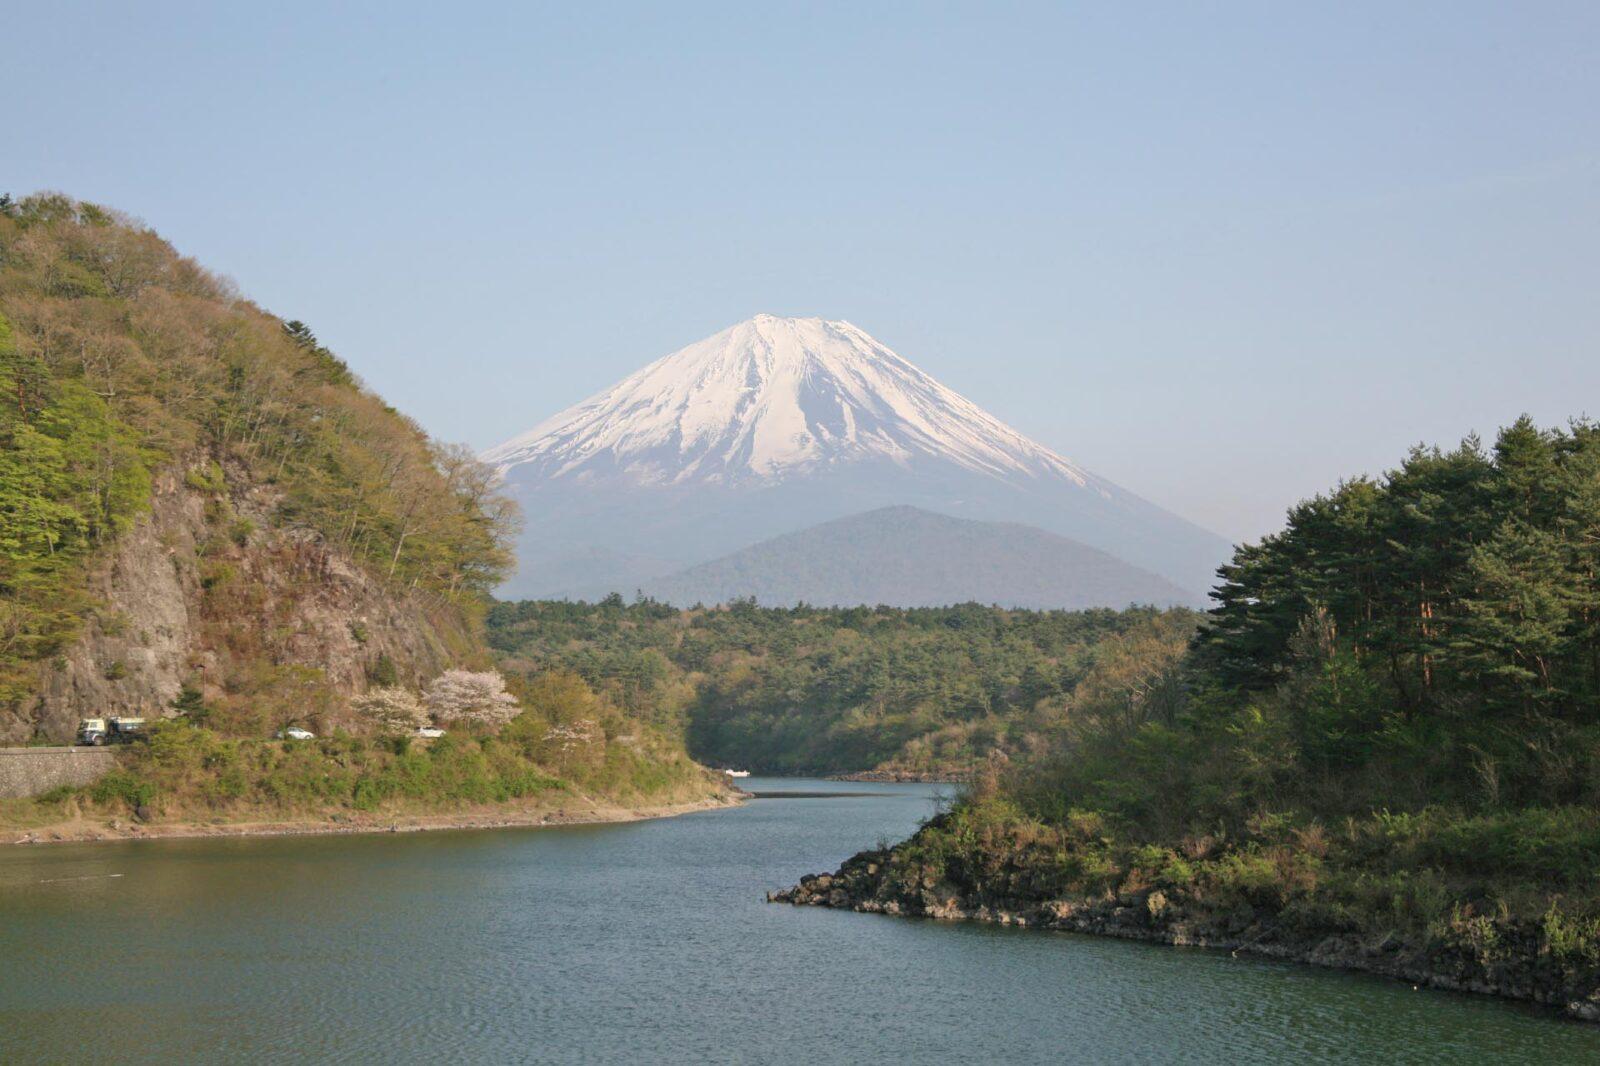 精進湖と春の富士山